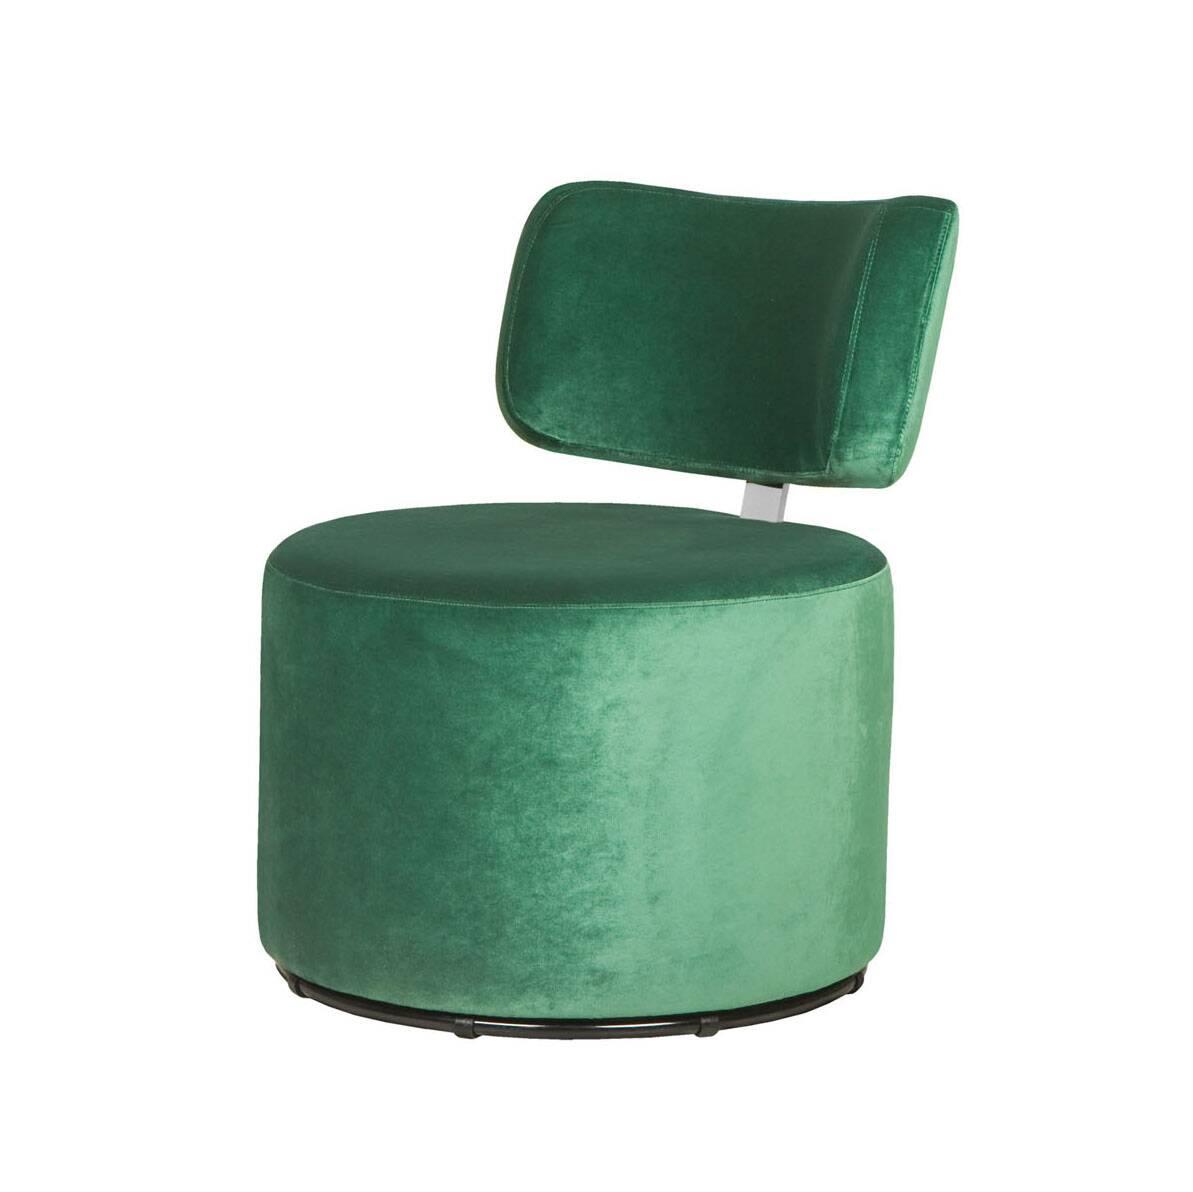 Кресло Sits 15576807 от Cosmorelax